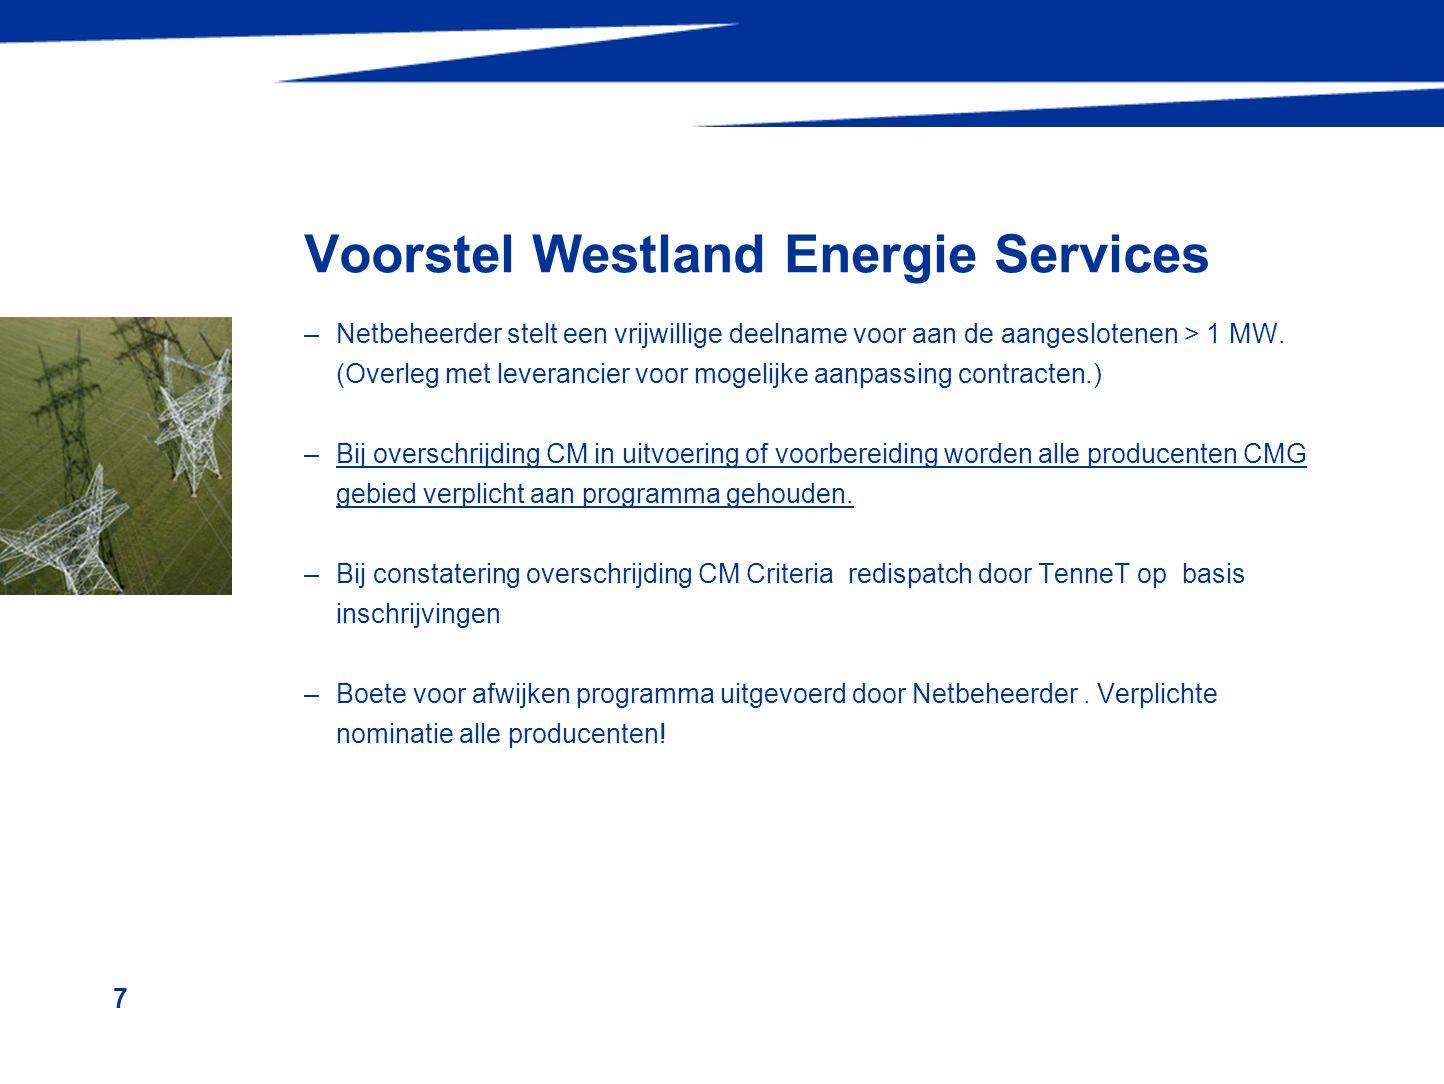 8 Westland Energie Services Procedure De netbeheerder bepaalt of en waar congestie optreedt en selecteert een aantal aansluitingen welke niet mogen produceren en gedurende welke PTE's.